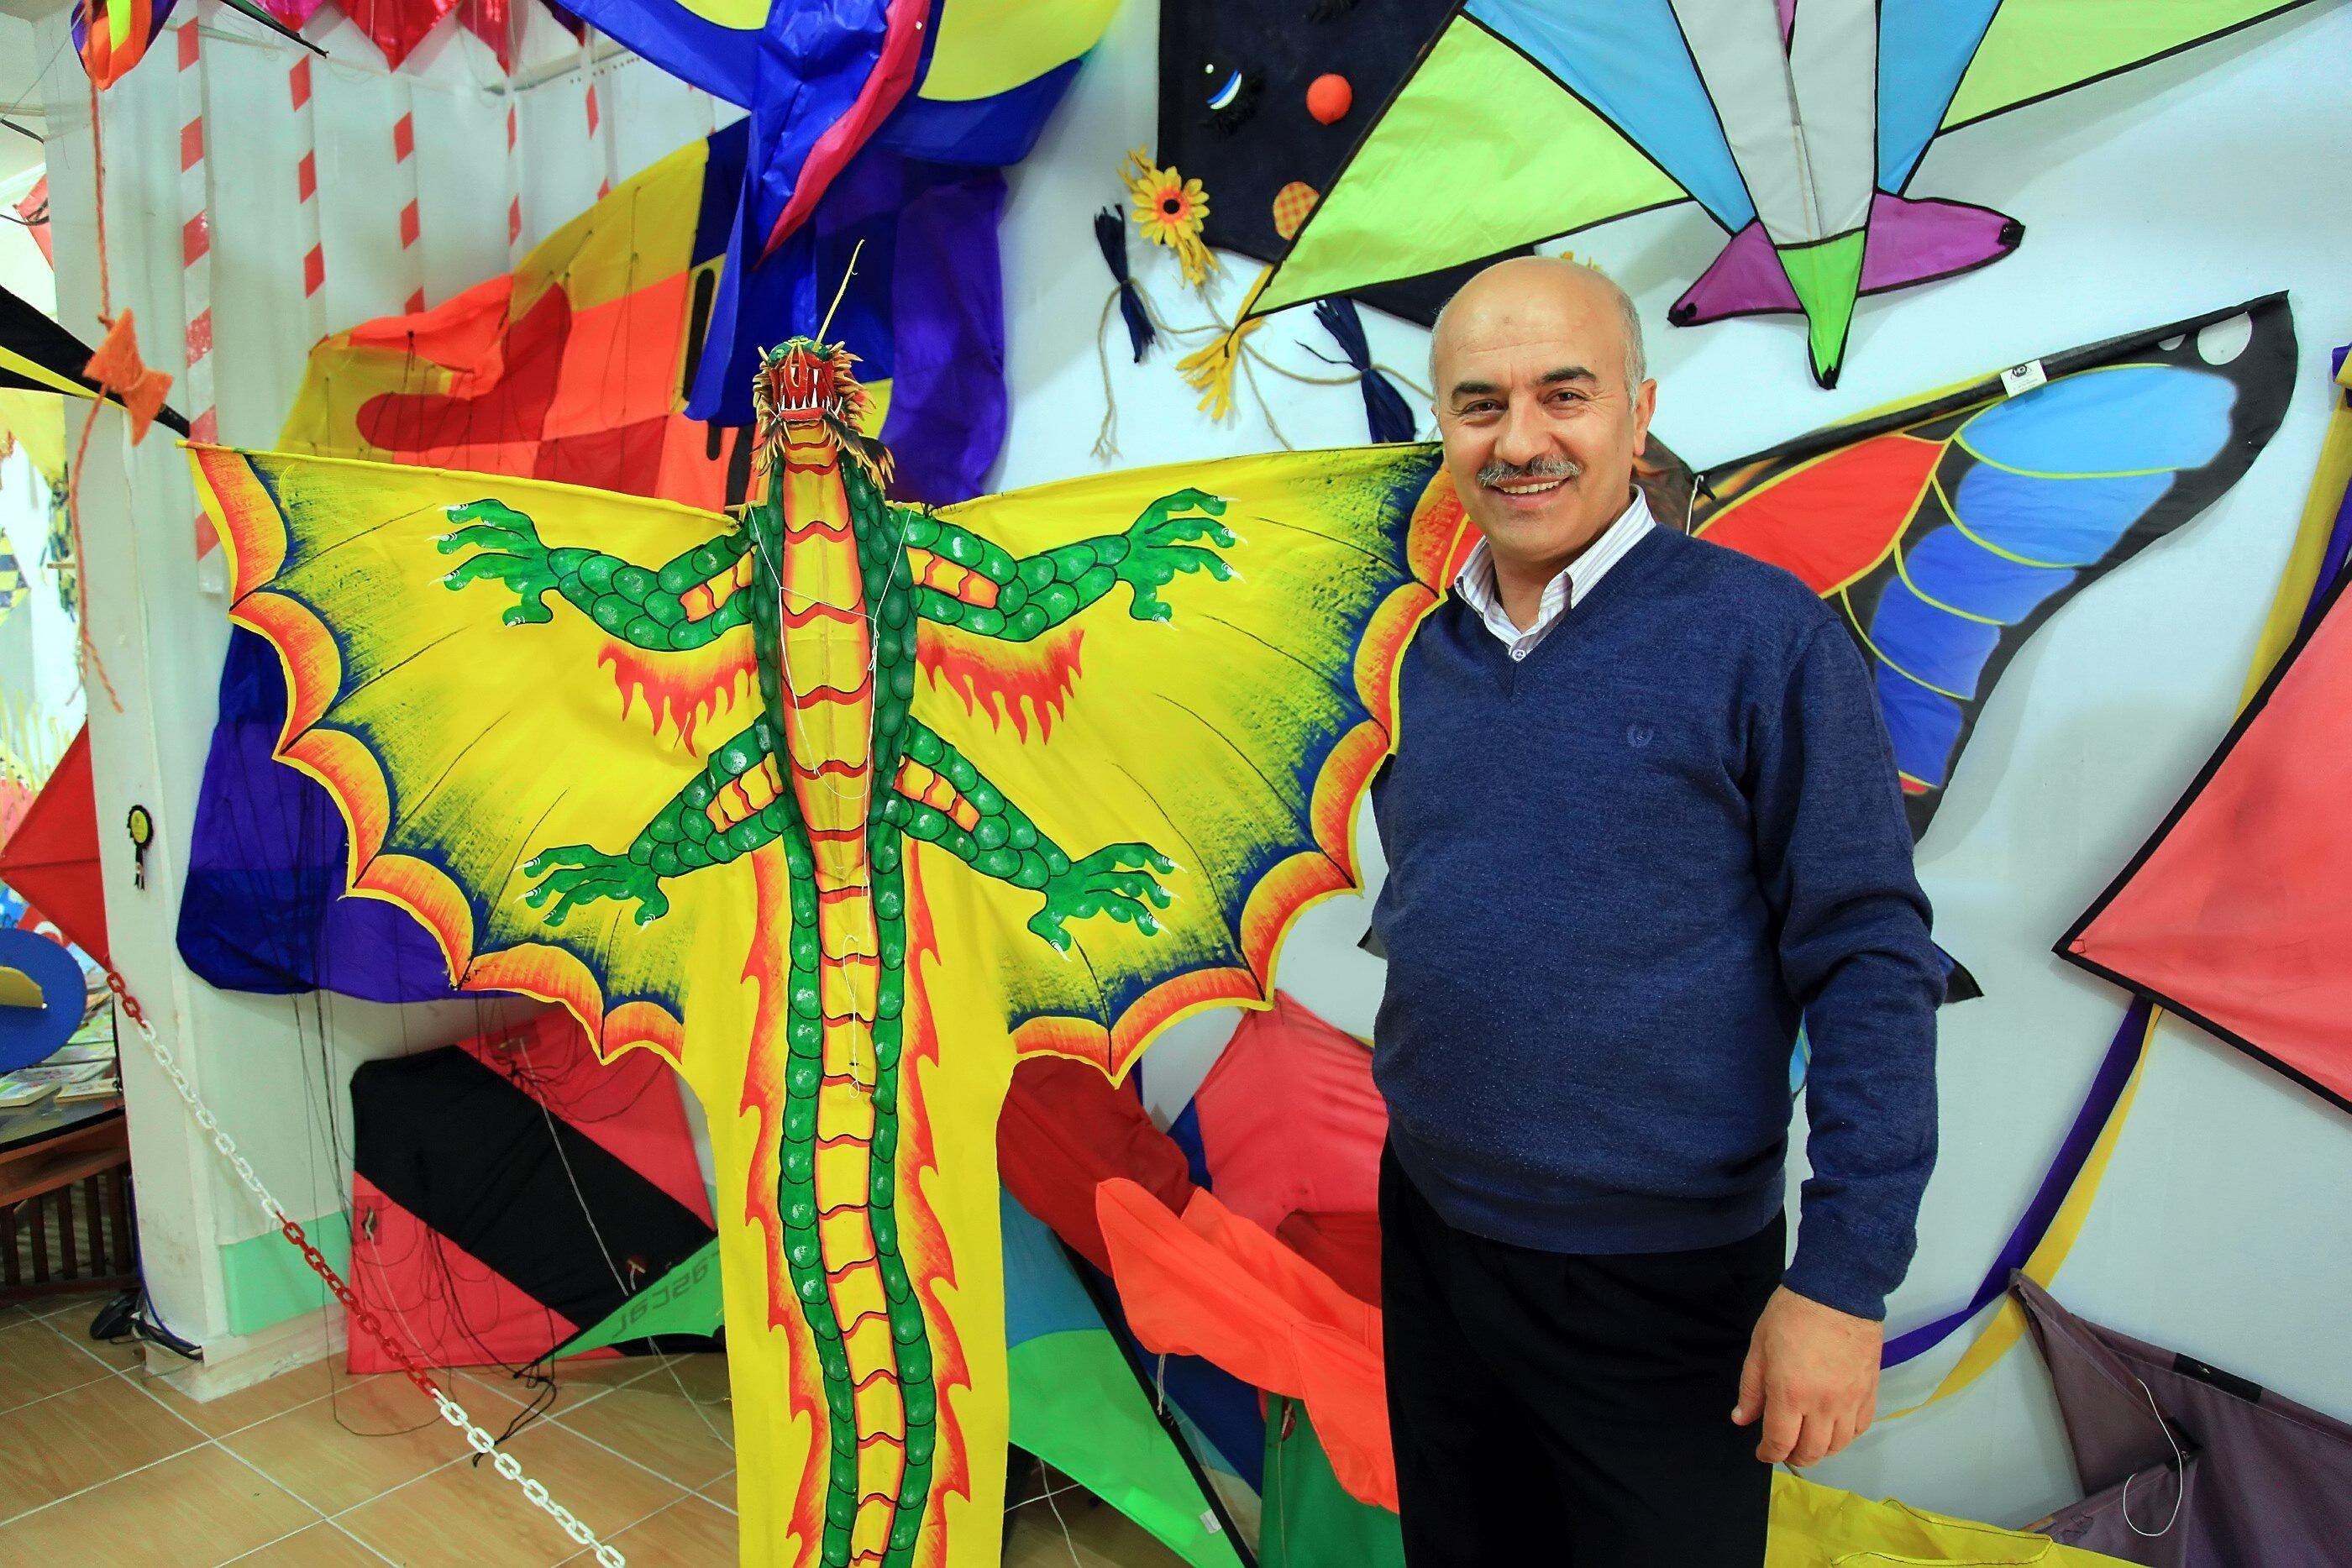 Mehmet Naci Aköz poses with a kite in the Istanbul Kite Museum, Istanbul, Turkey. (Sabah File Photo)